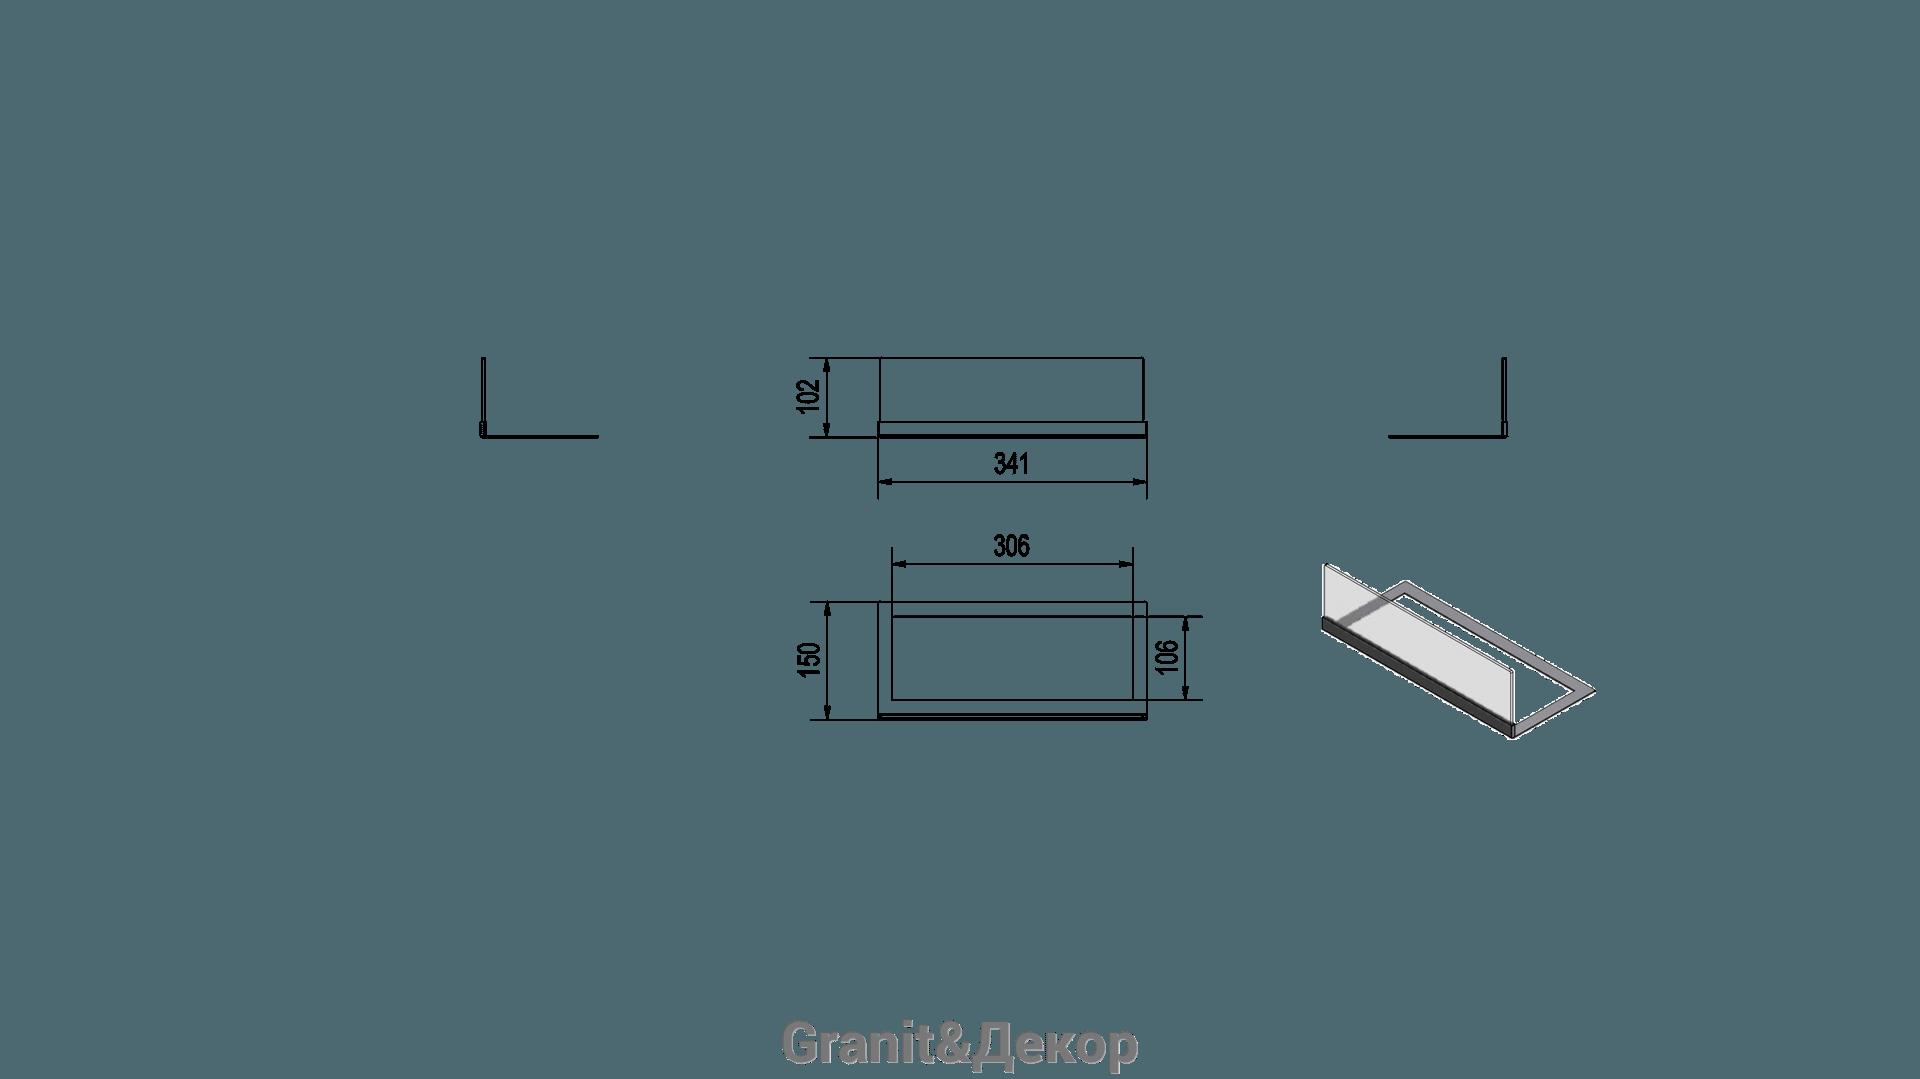 Скло та підставка для біокамінів CHARLIE2 - фото pic_1db6410c91889ed98ec7dd284e49632d_1920x9000_1.png